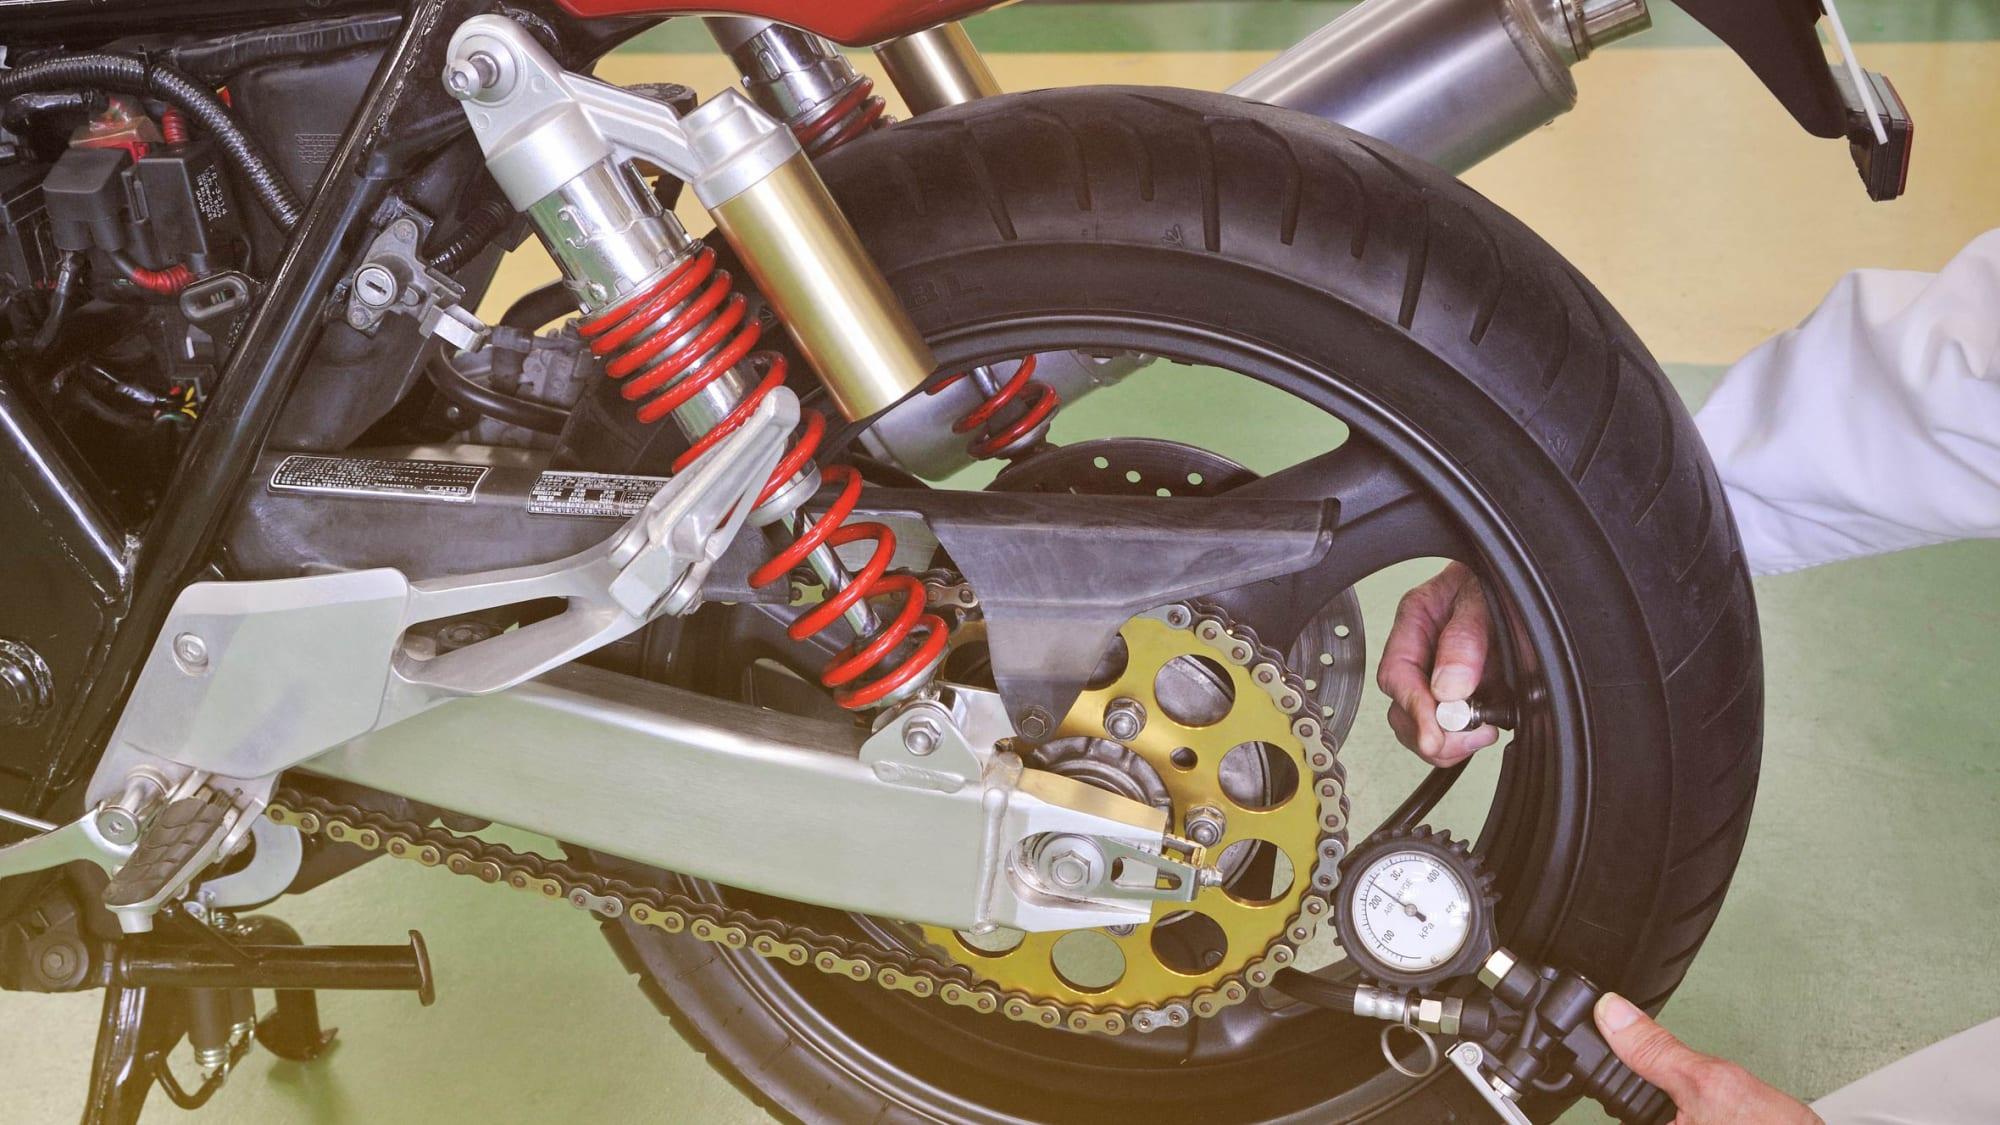 Motorrad wird winterfest gemacht